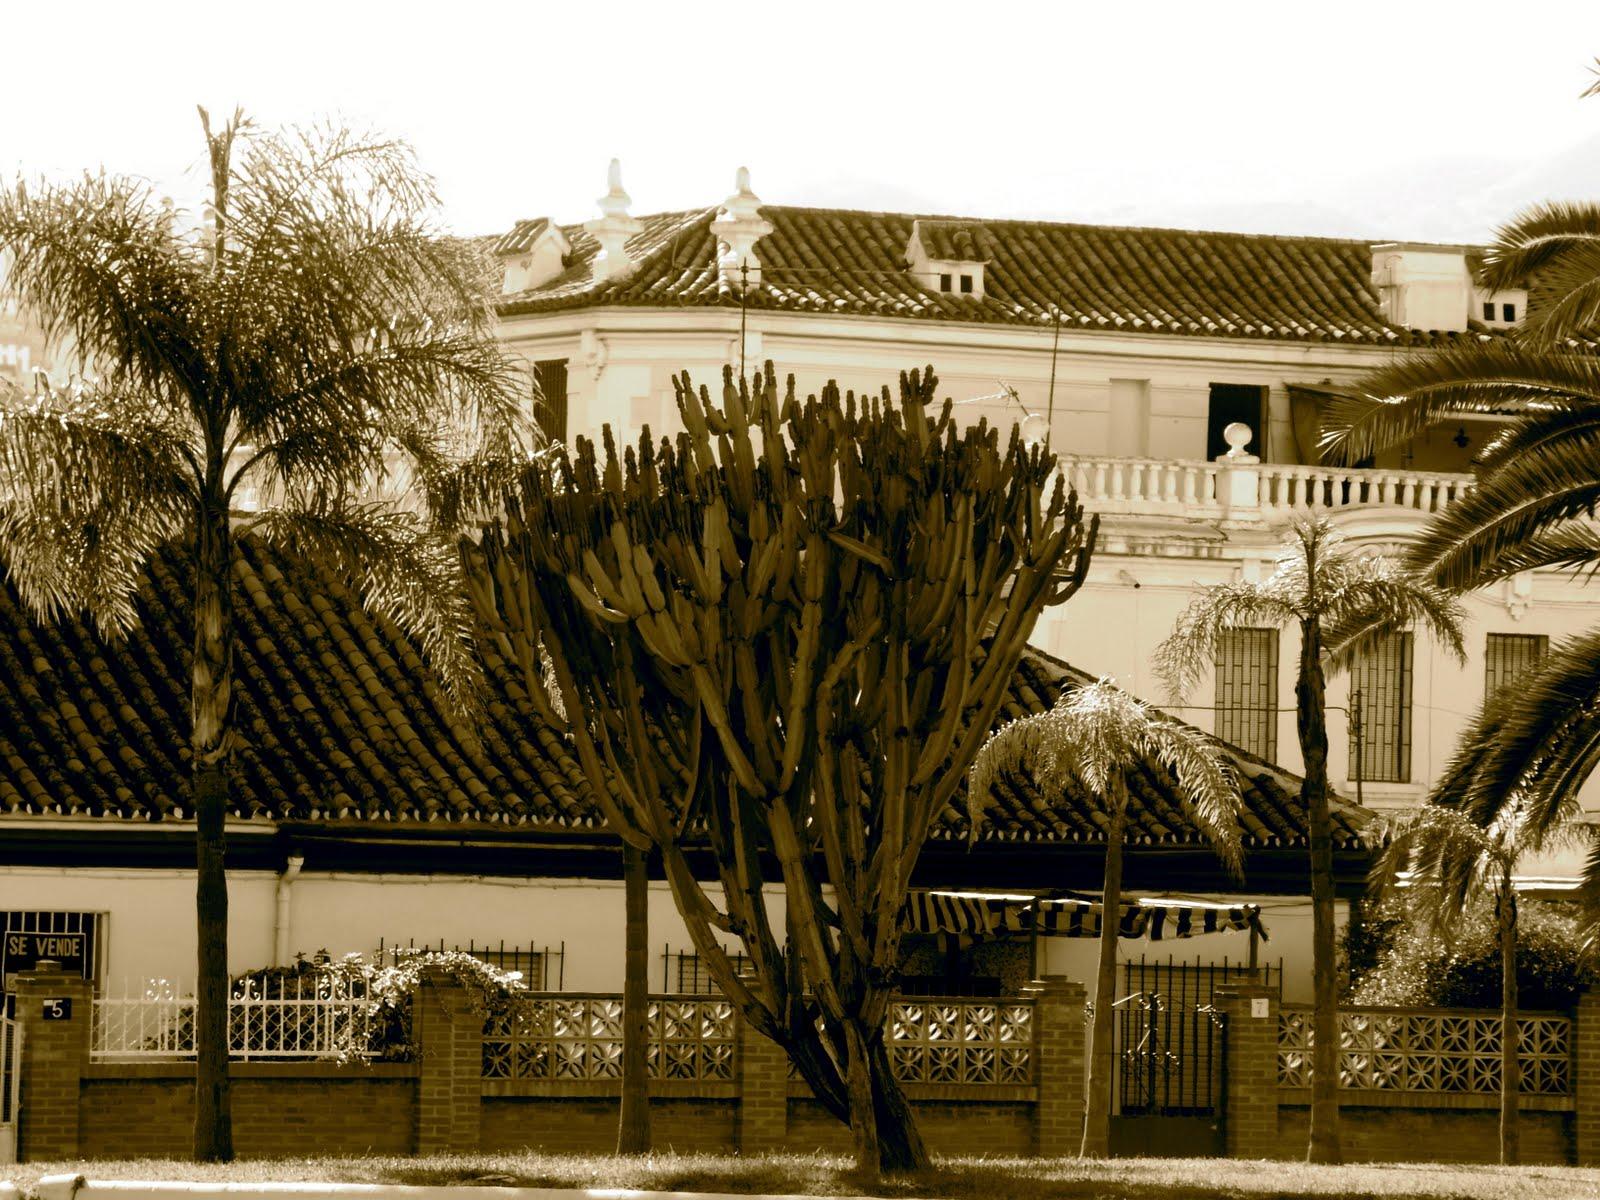 Malaga2016antonioavila casas antiguas - Casas en malaga capital ...